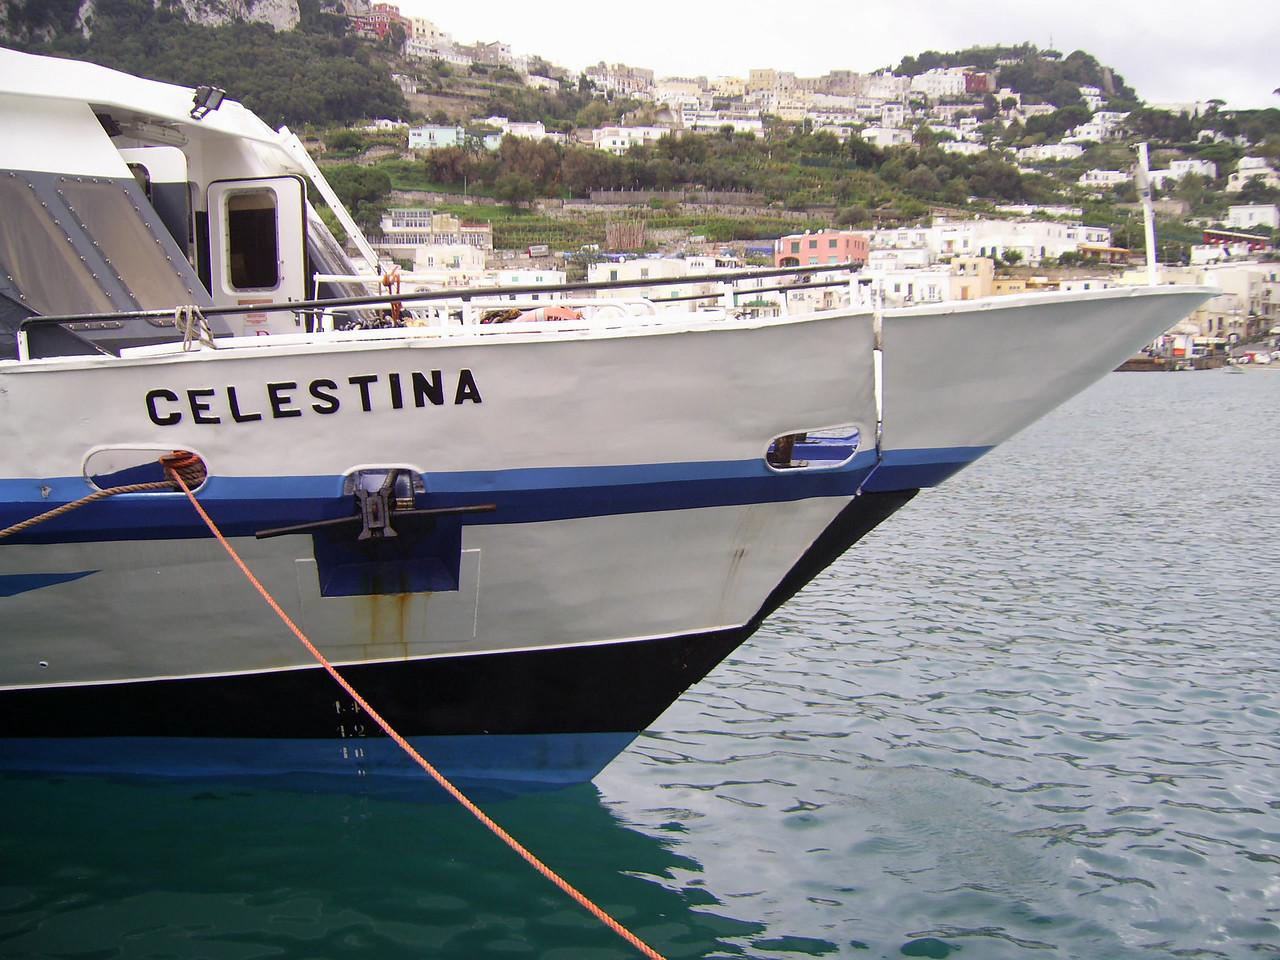 CELESTINA moored in Capri : the bow.